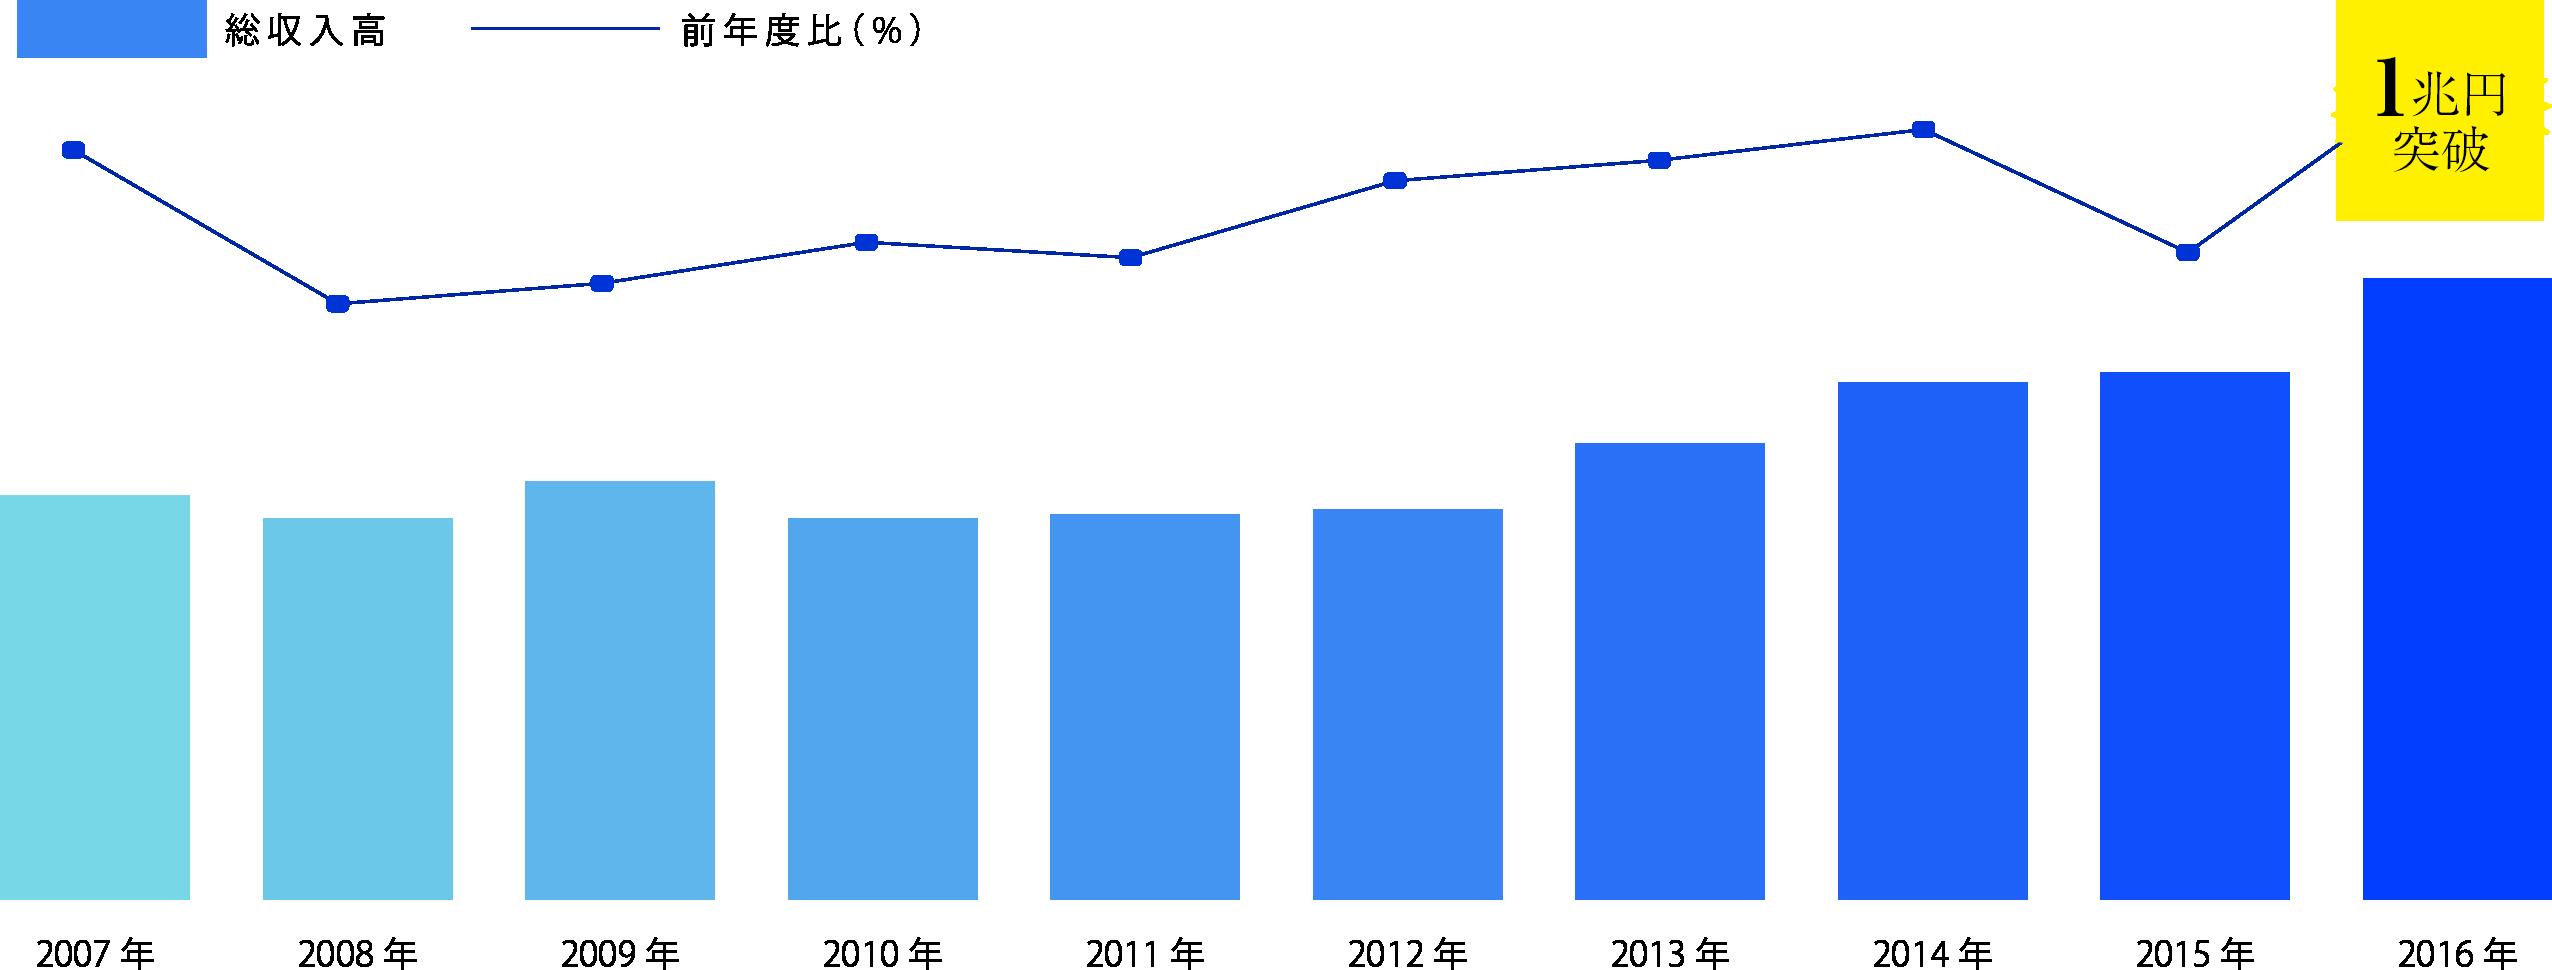 レンタカー業の総収入高推移(年度別)